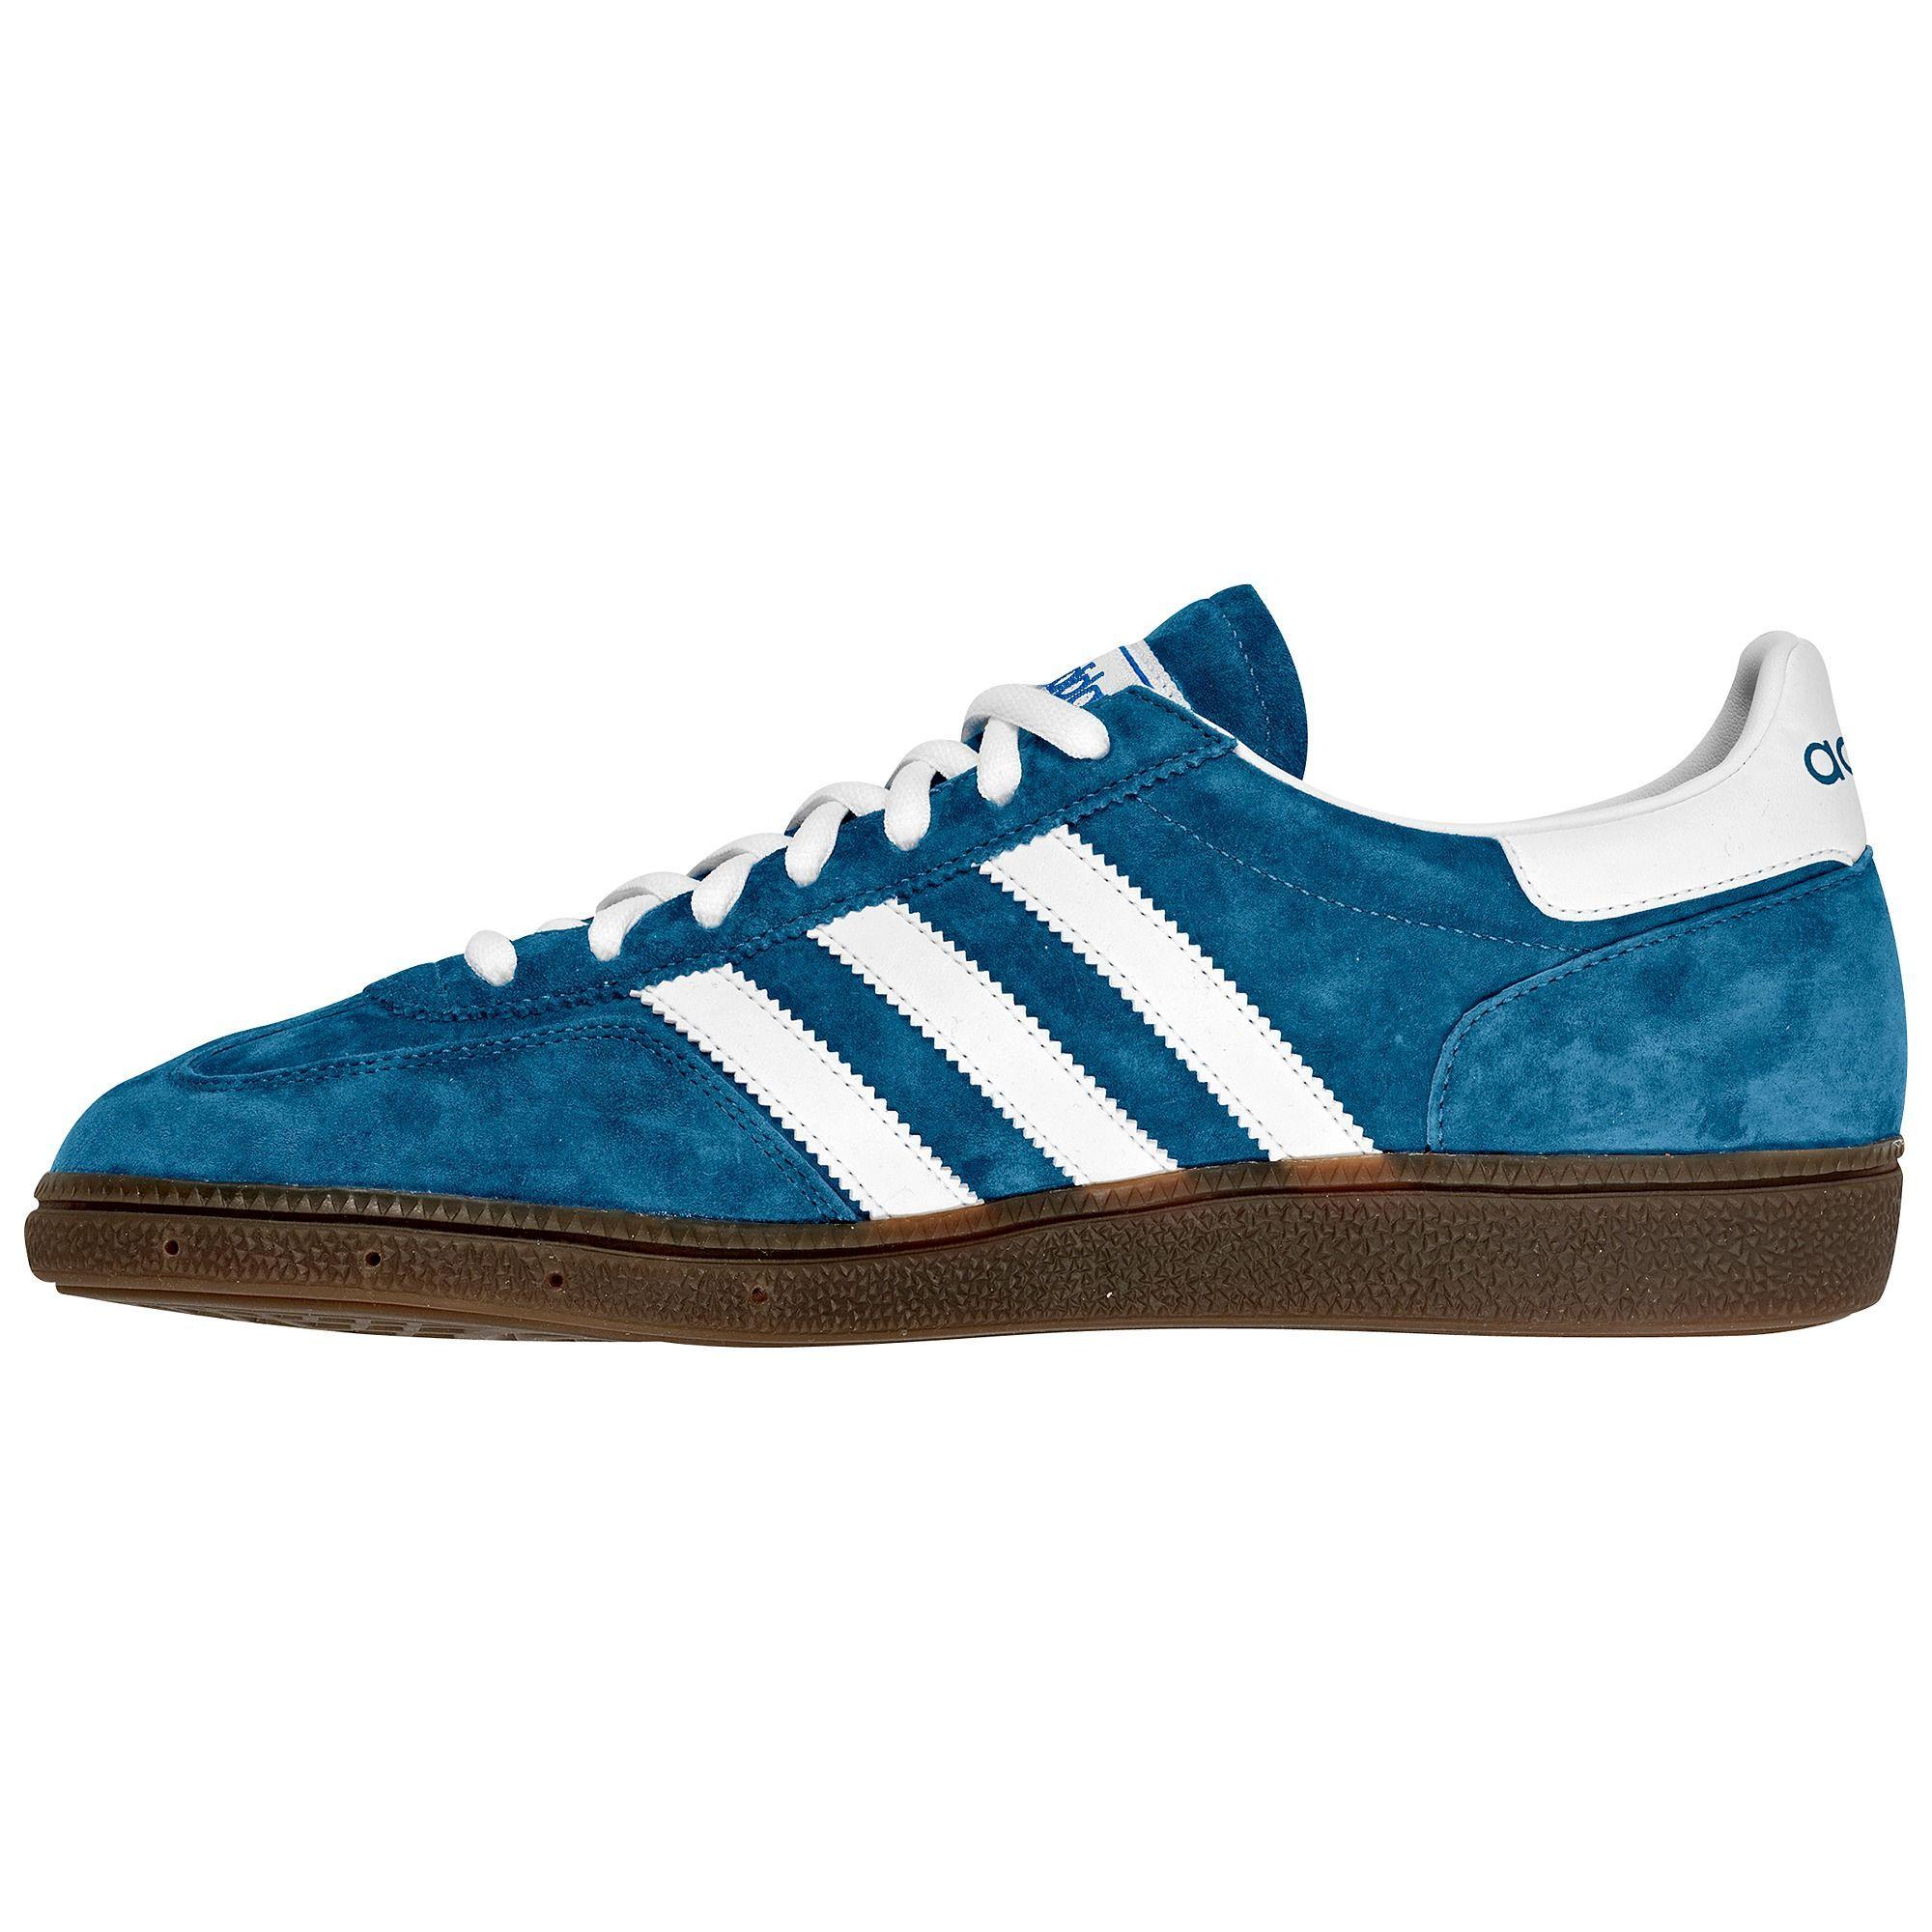 adidas - Spezial Shoes   Put on something nice   Pinterest   Adidas ... 4f58c84fe3